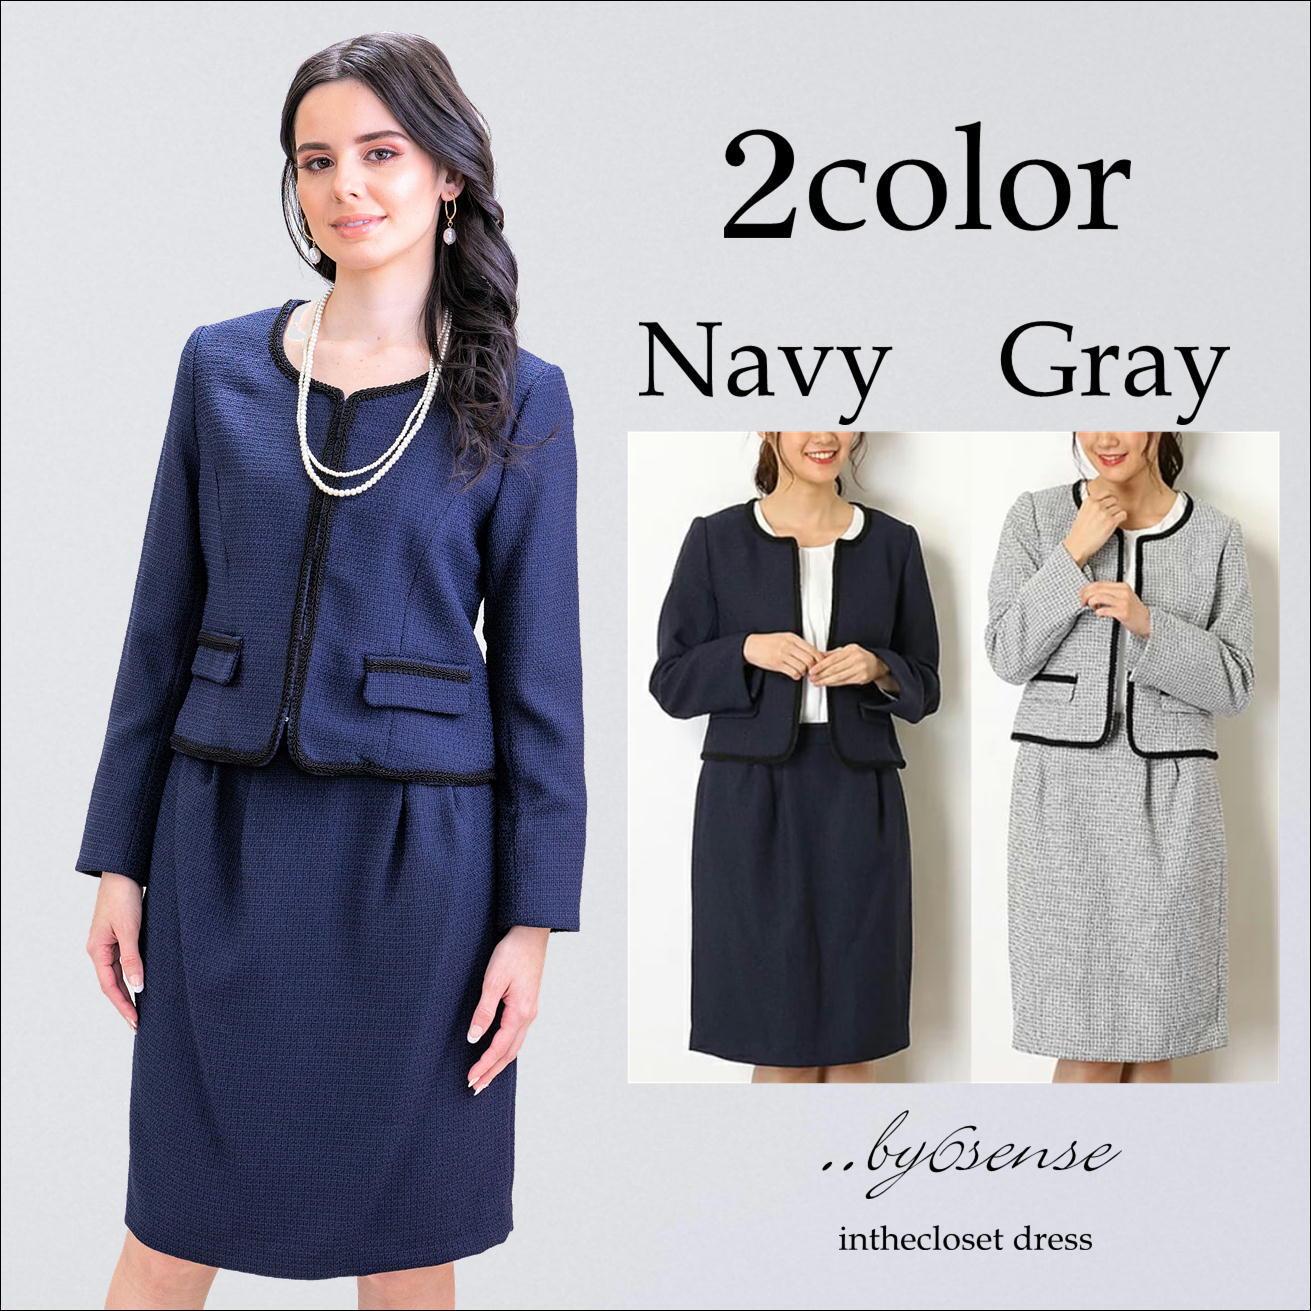 2color M/Lサイズ【セレモニー対応】ノーカラージャケットスーツ